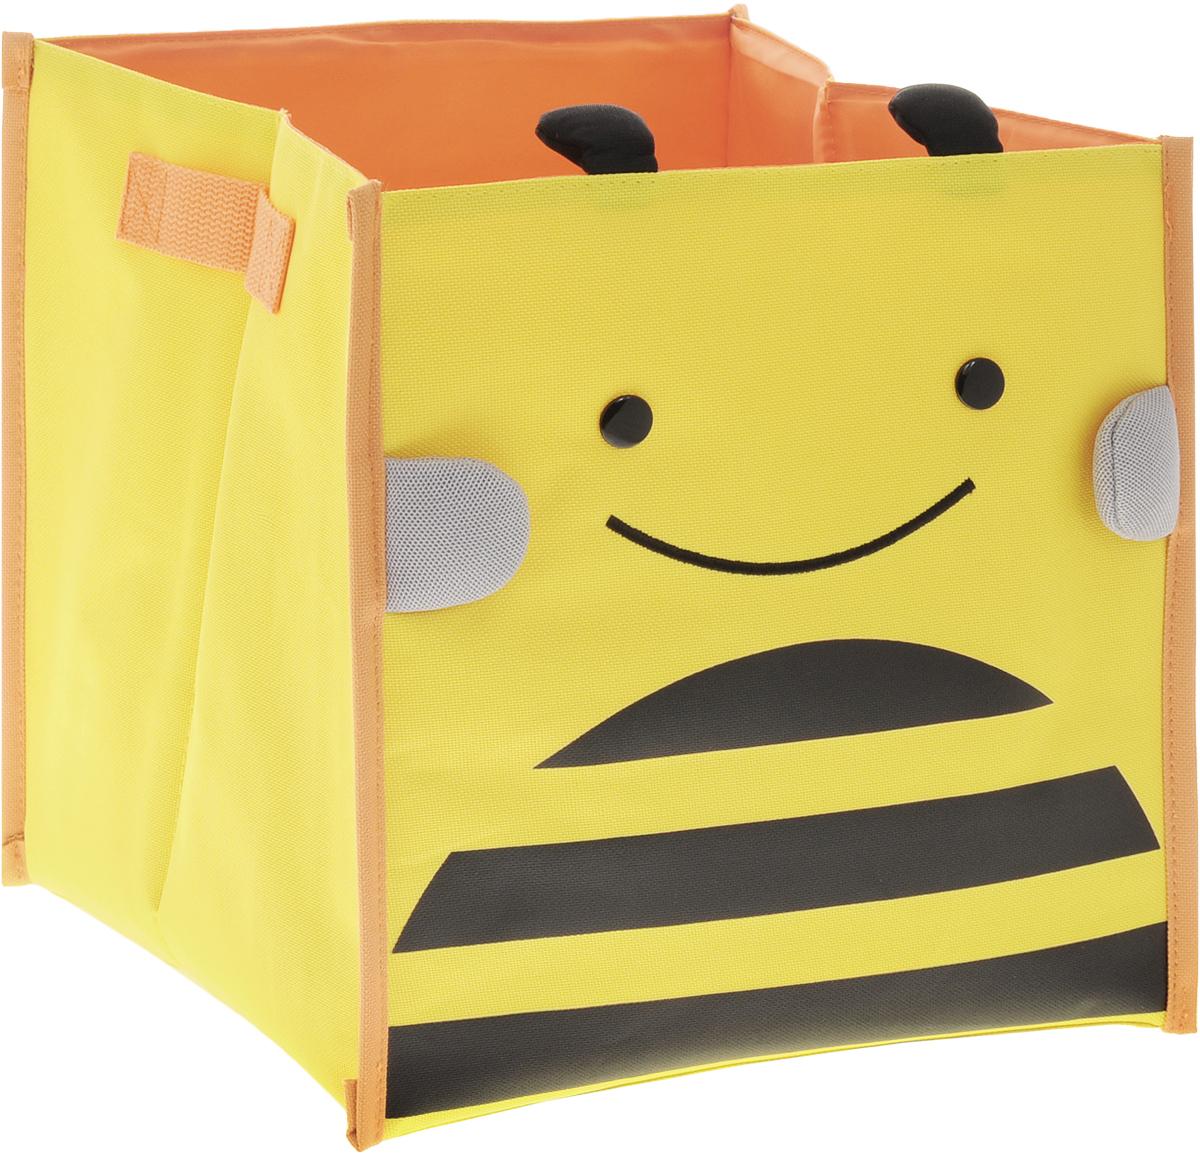 Bradex Короб для хранения Пчелка74-0120Короб для хранения Bradex Пчелка привлечет вас своим ярким дизайном. Короб предназначен для хранения небольших детских вещей: игрушек, канцтоваров, одежды и обуви. По бокам изделие имеет небольшие текстильные ручки для удобной переноски.Короб освободит место в квартире и украсит любую детскую комнату.